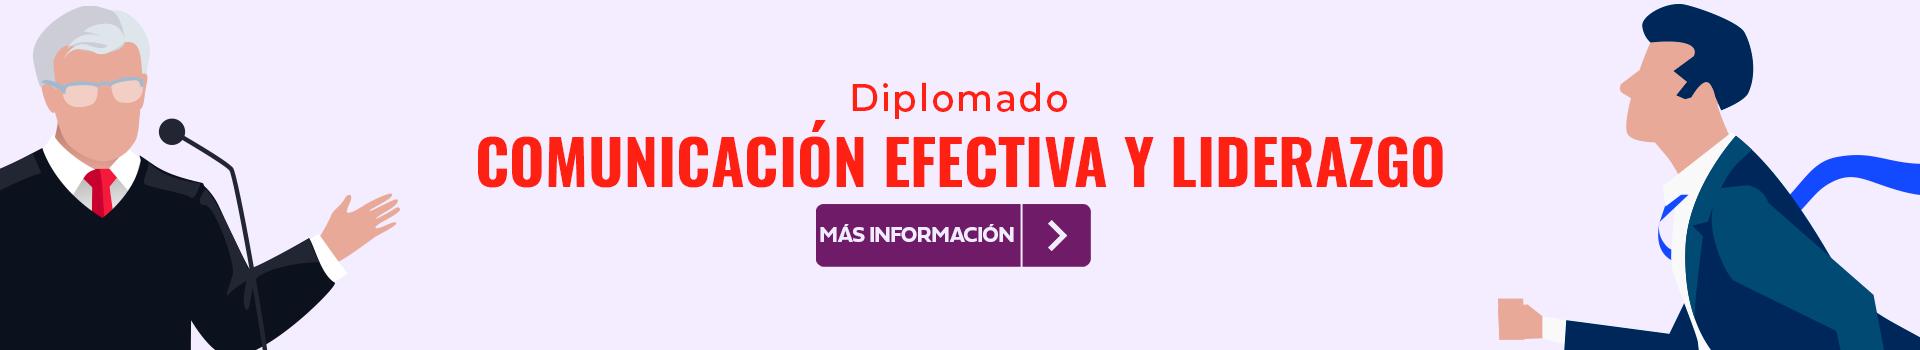 diplomado-comunicacion